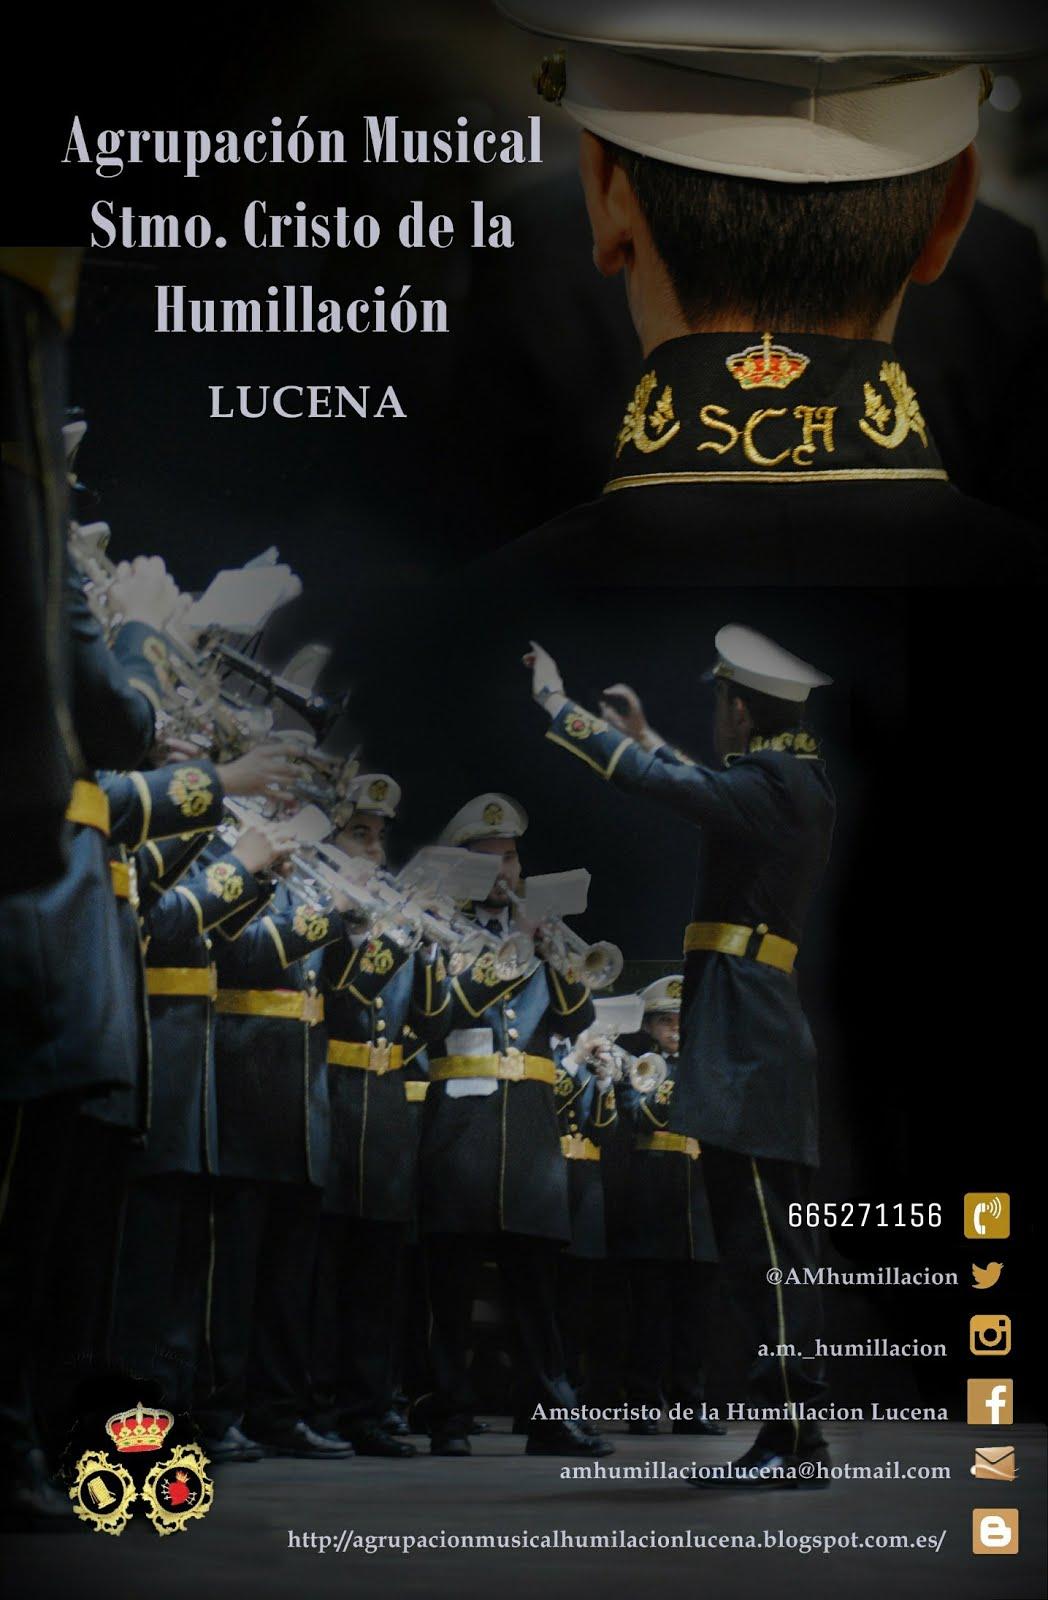 AGRUPACION MUSICAL STMO. CRISTO DE LA HUMILLACIÓN